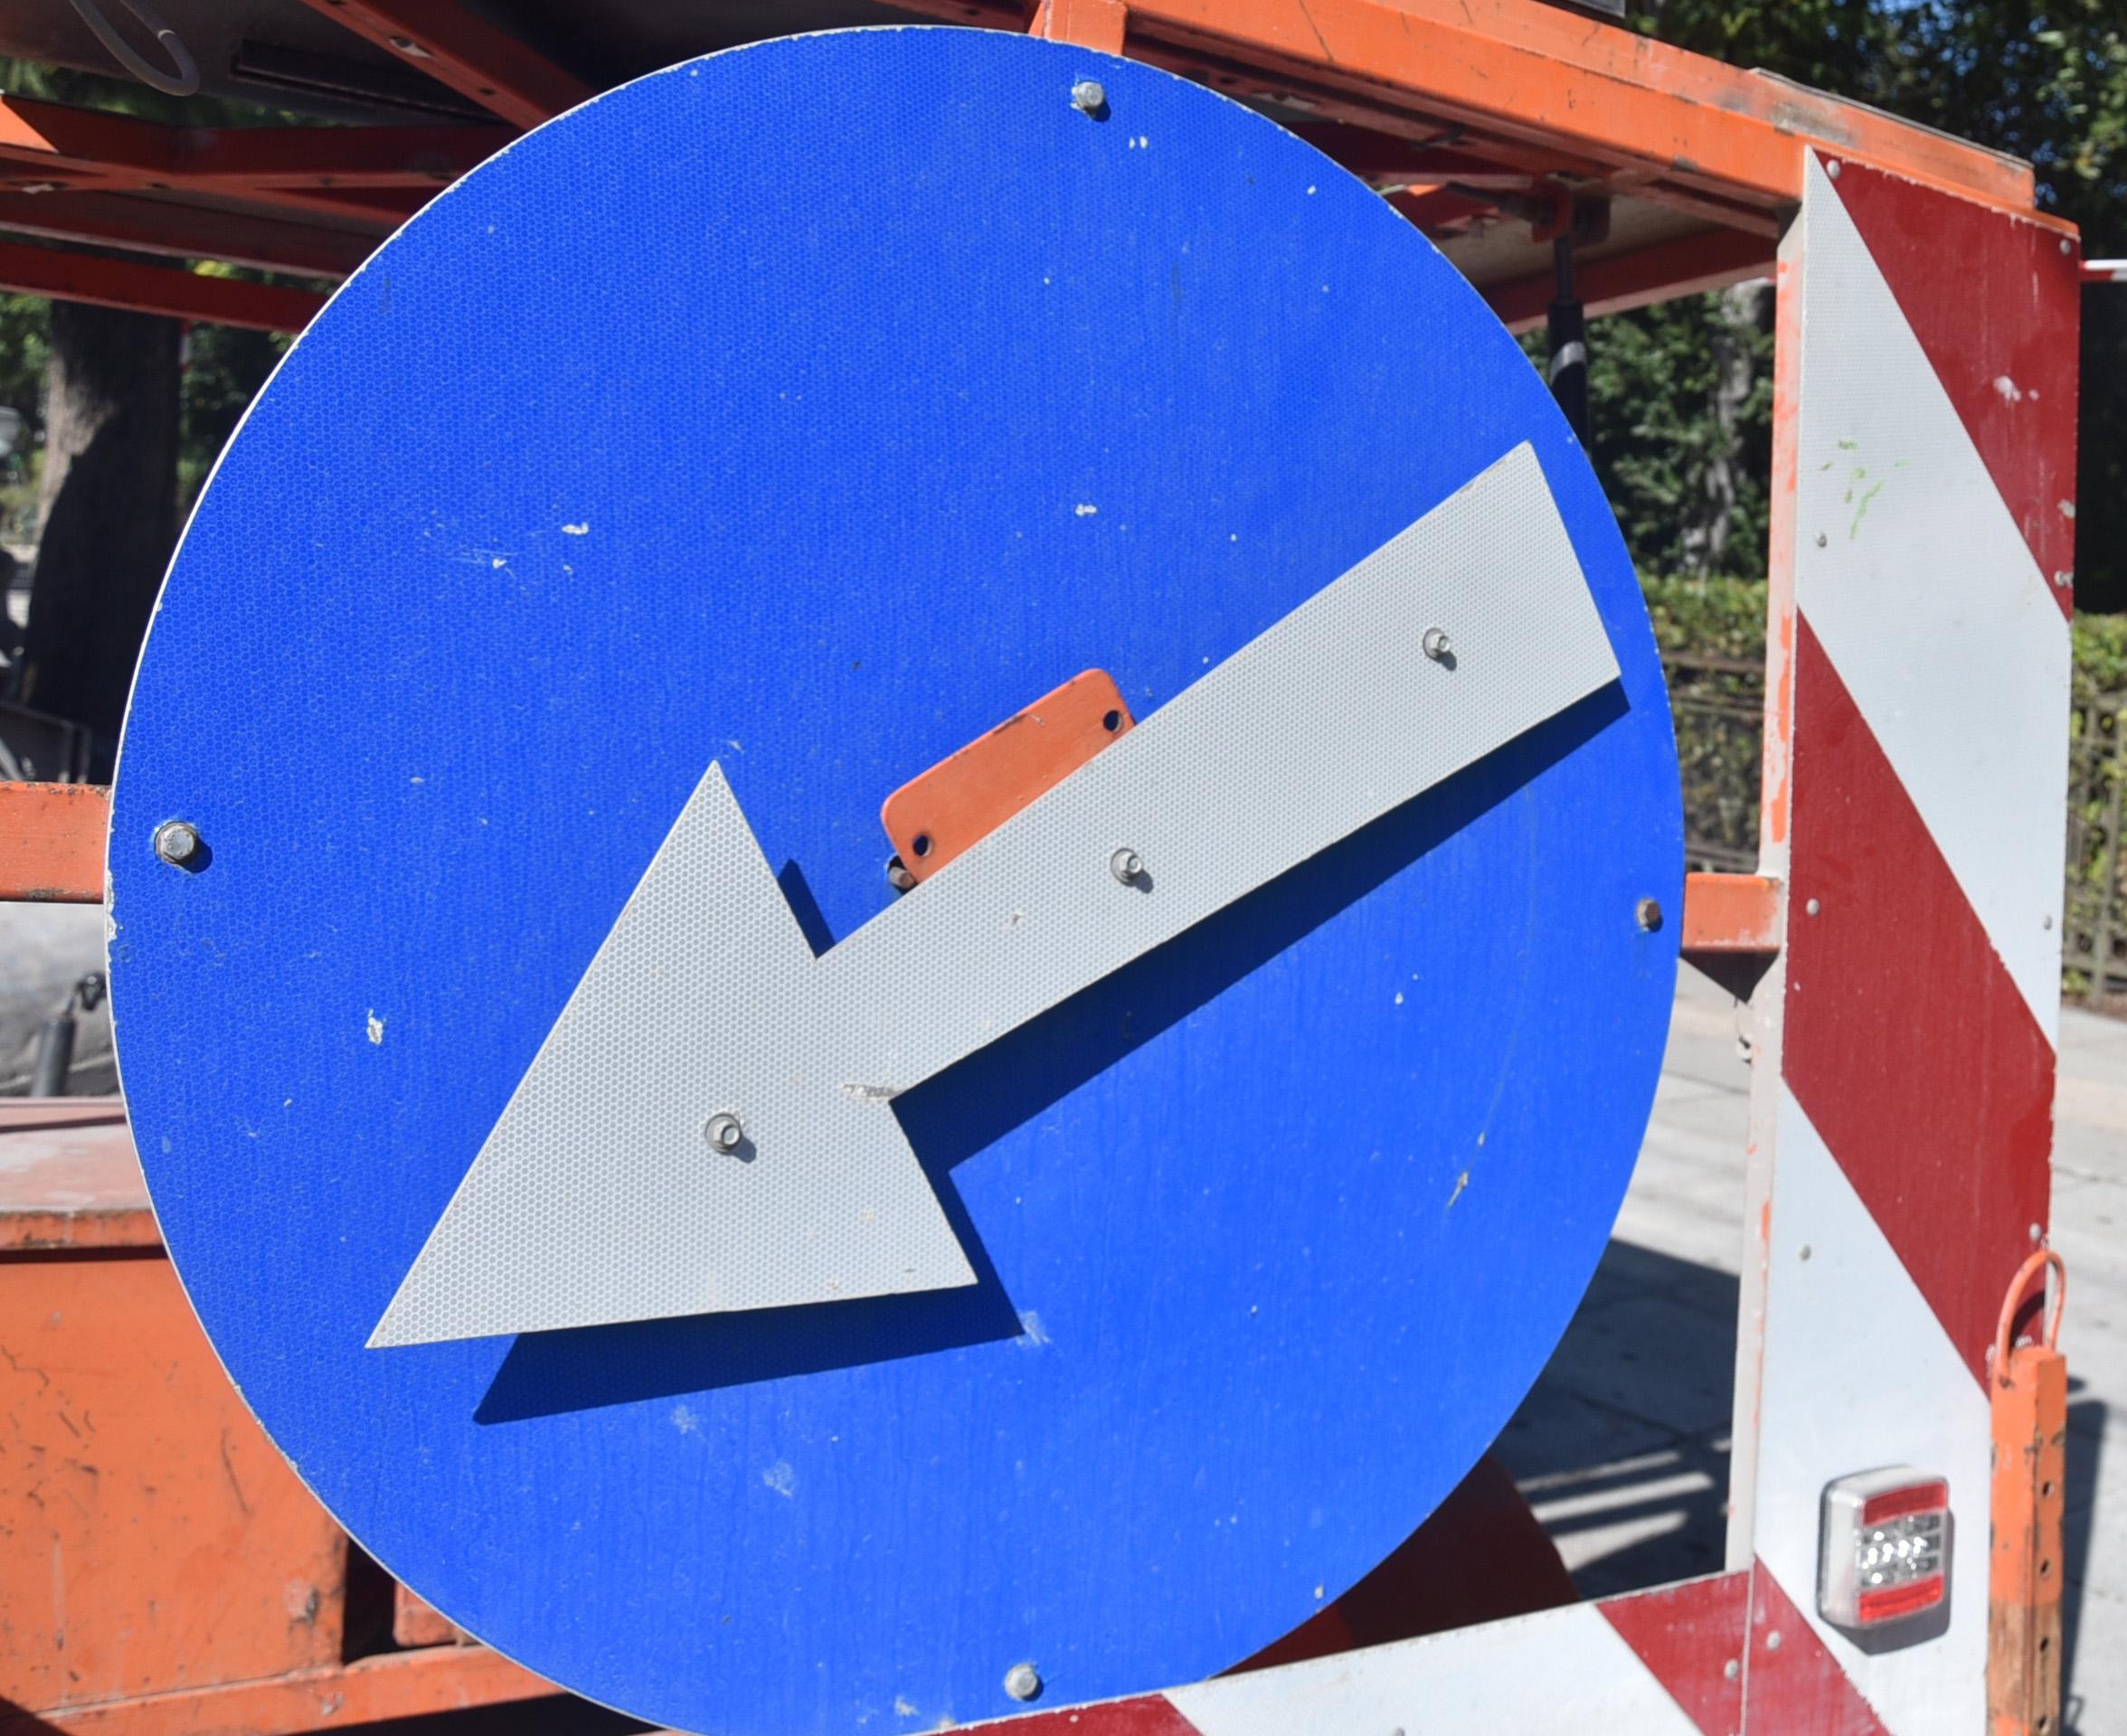 Θεσσαλονίκη: Κλειστή η Αγίου Δημητρίου λόγω εργασιών